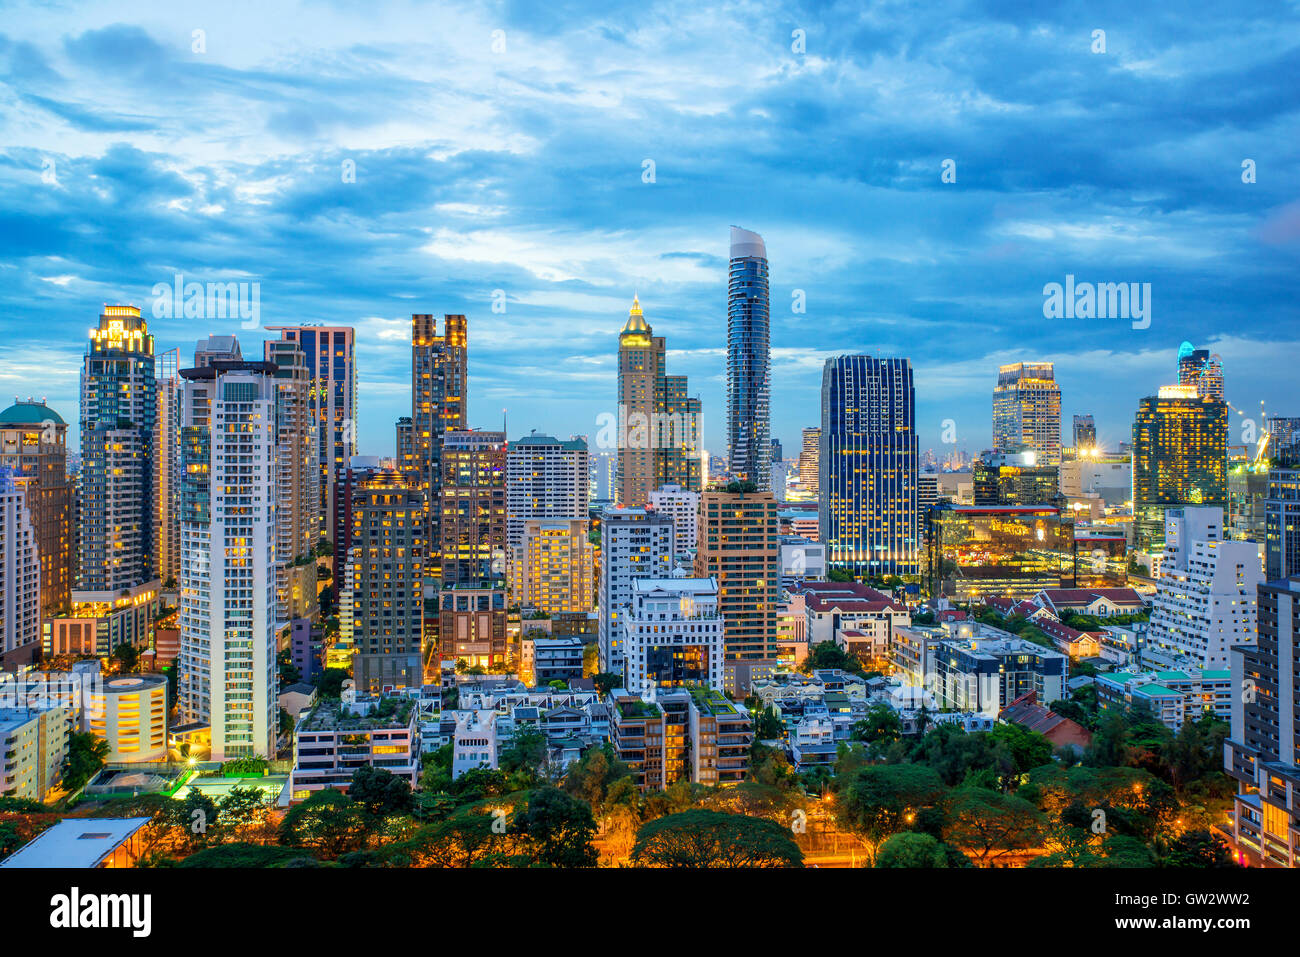 Bangkok city skyscrapers and Bangkok skyline at night in Bangkok, Thailand - Stock Image